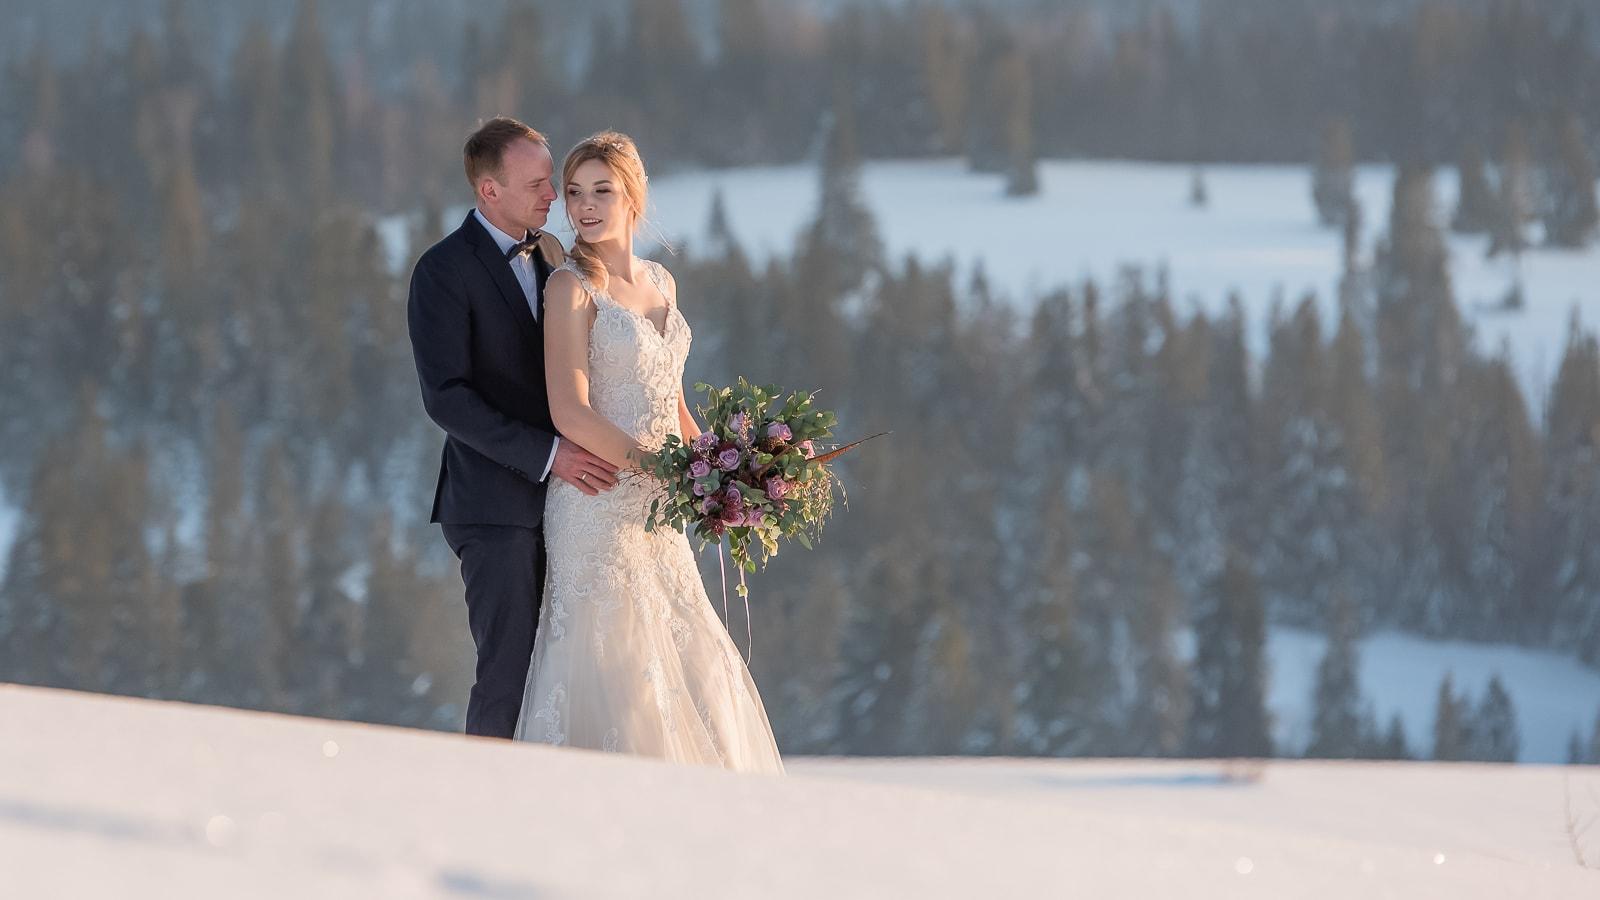 Zimowy plener ślubny, Tatry - Przełęcz nad Łapszanką